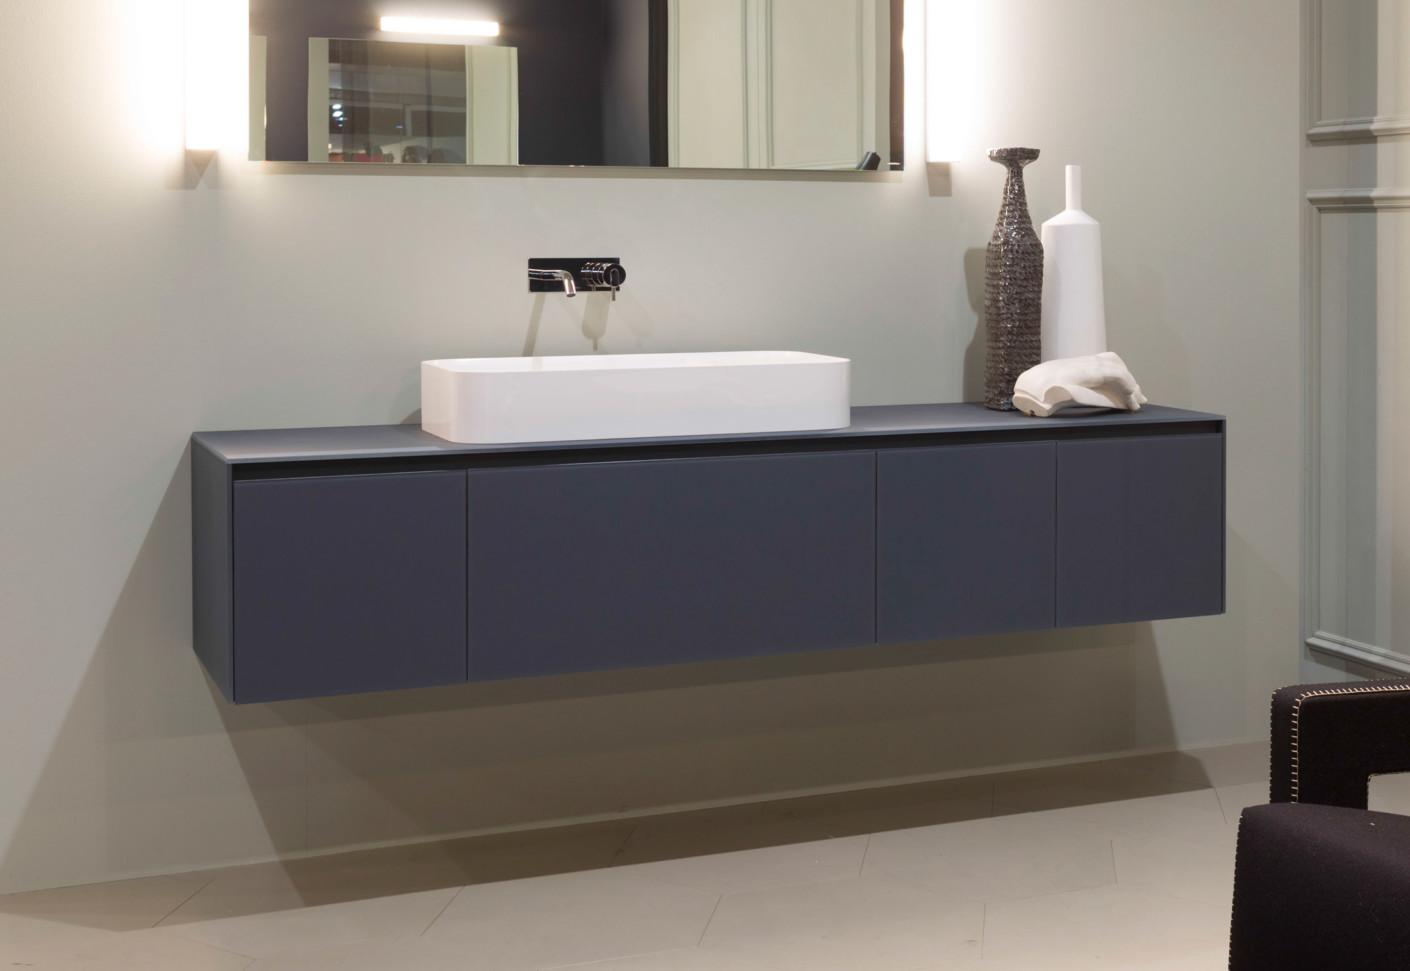 tempra waschtisch von antonio lupi stylepark. Black Bedroom Furniture Sets. Home Design Ideas